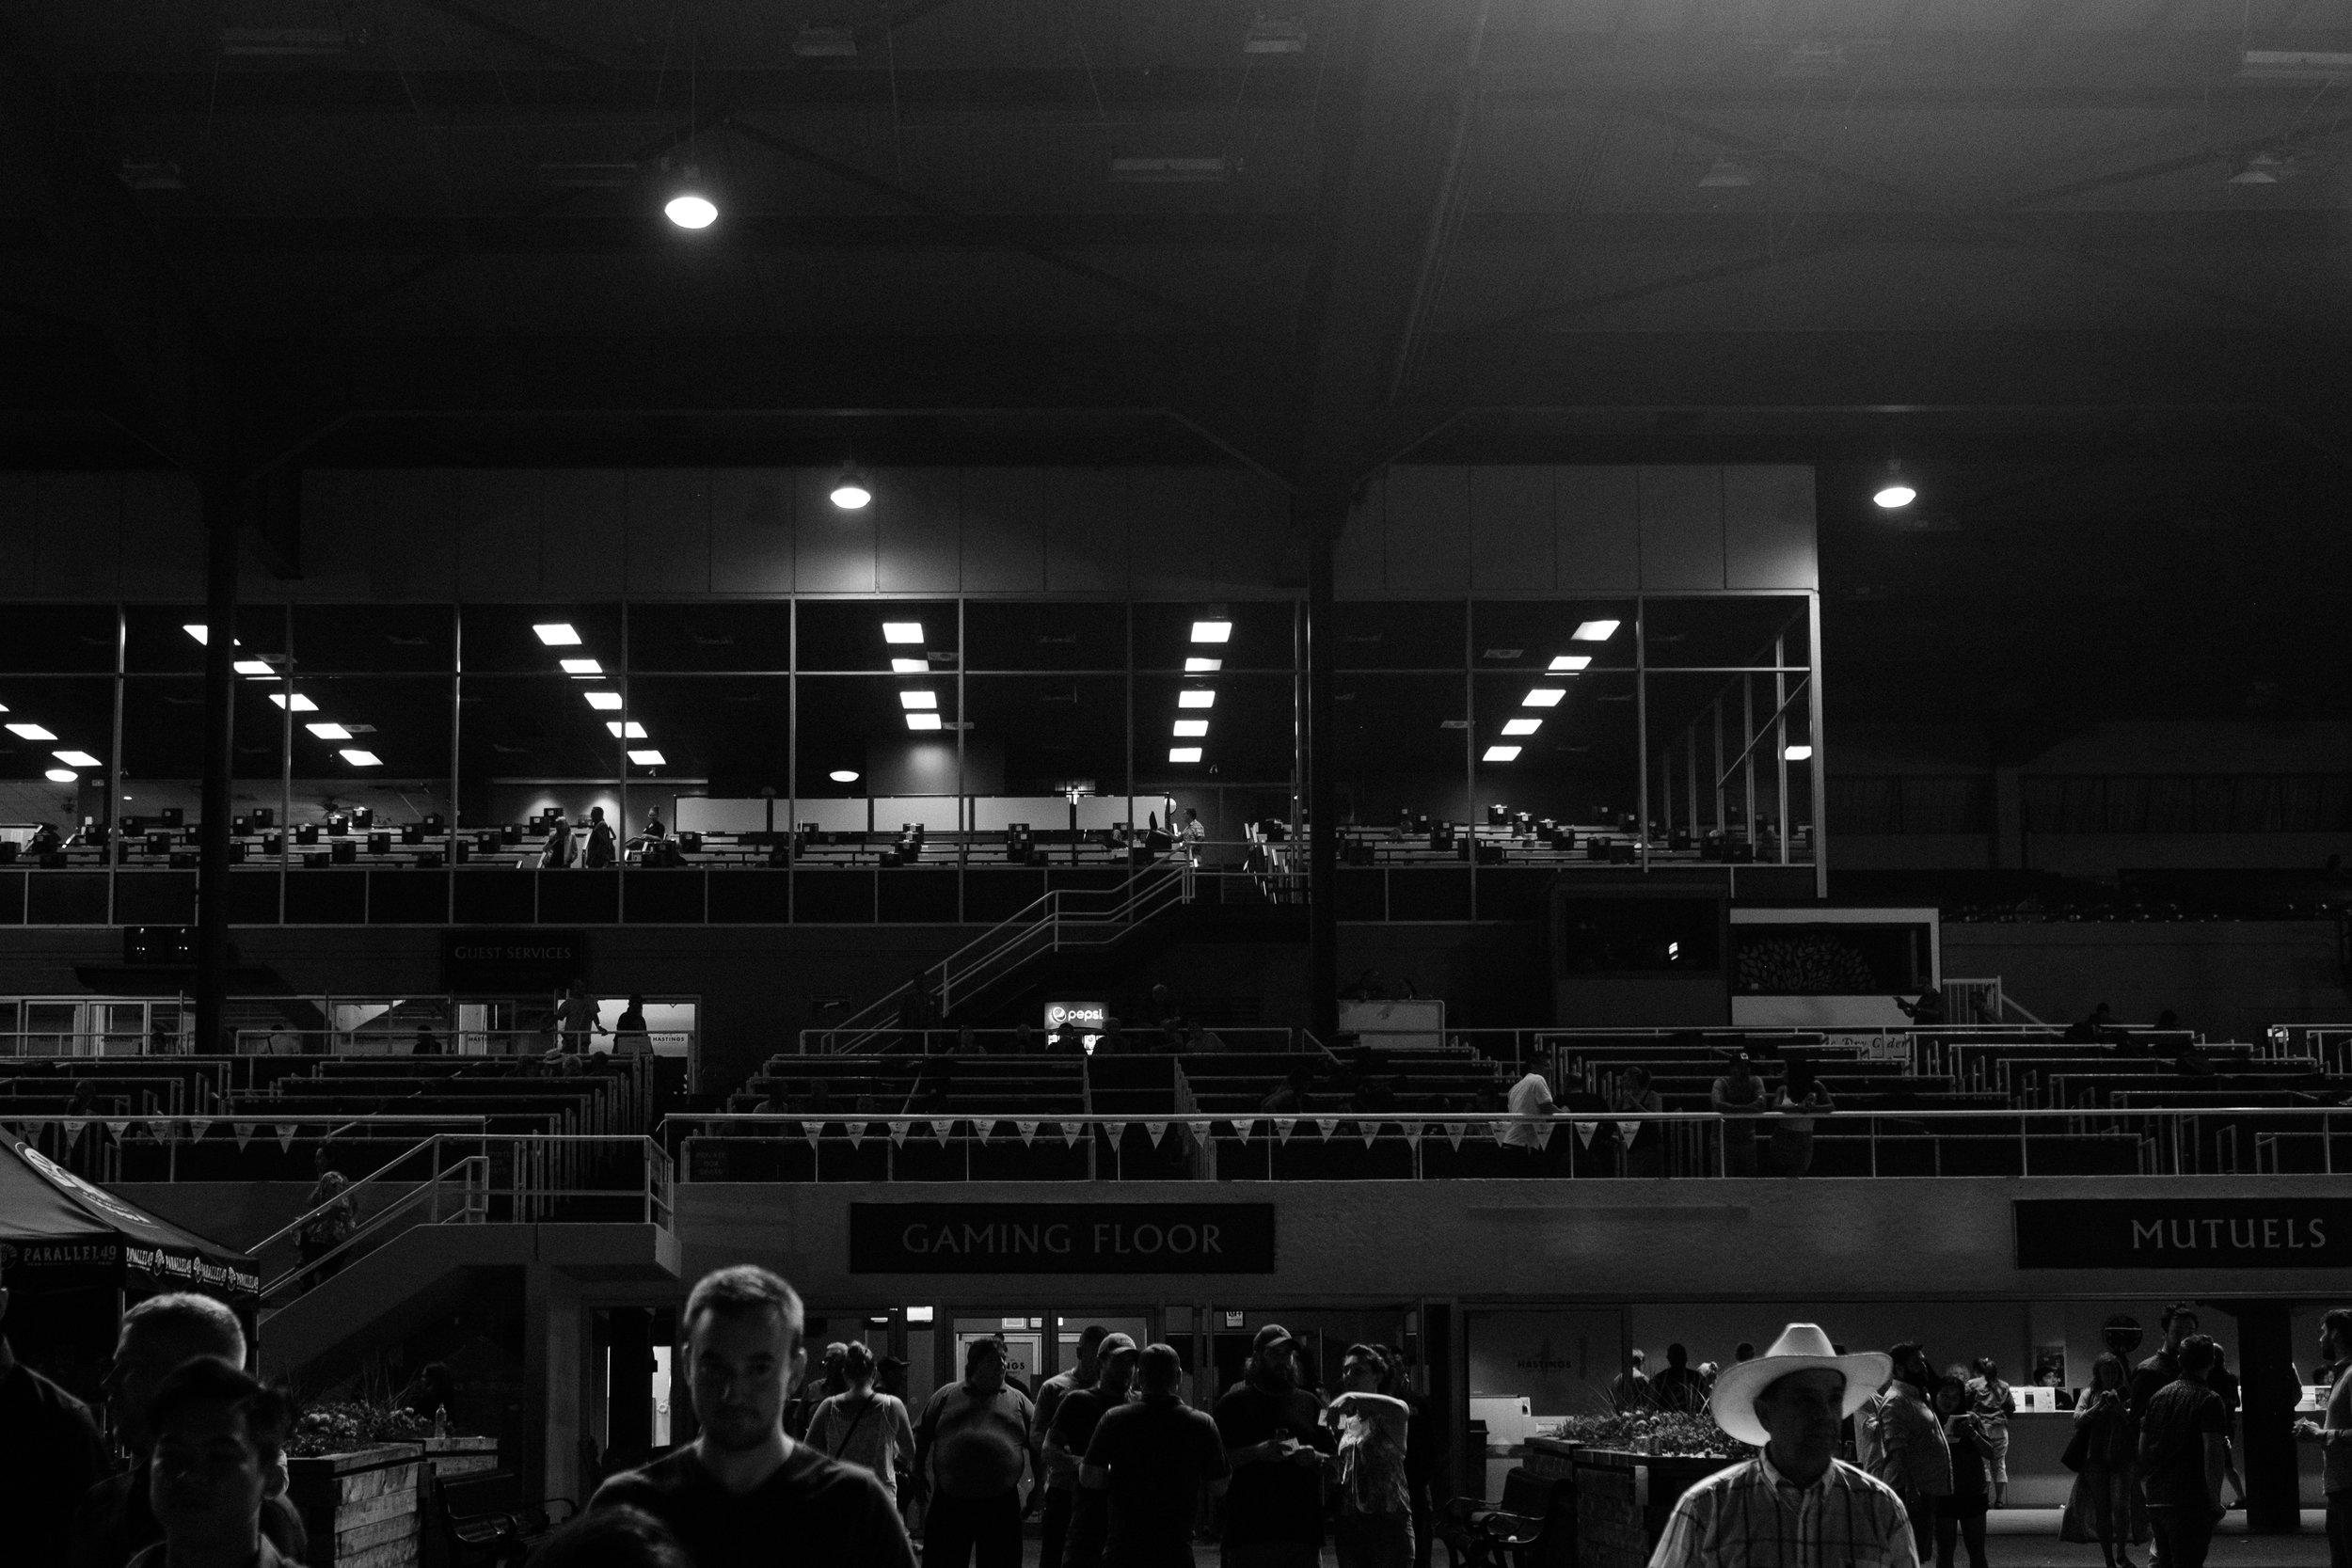 hastings_racecourse-0811.jpg